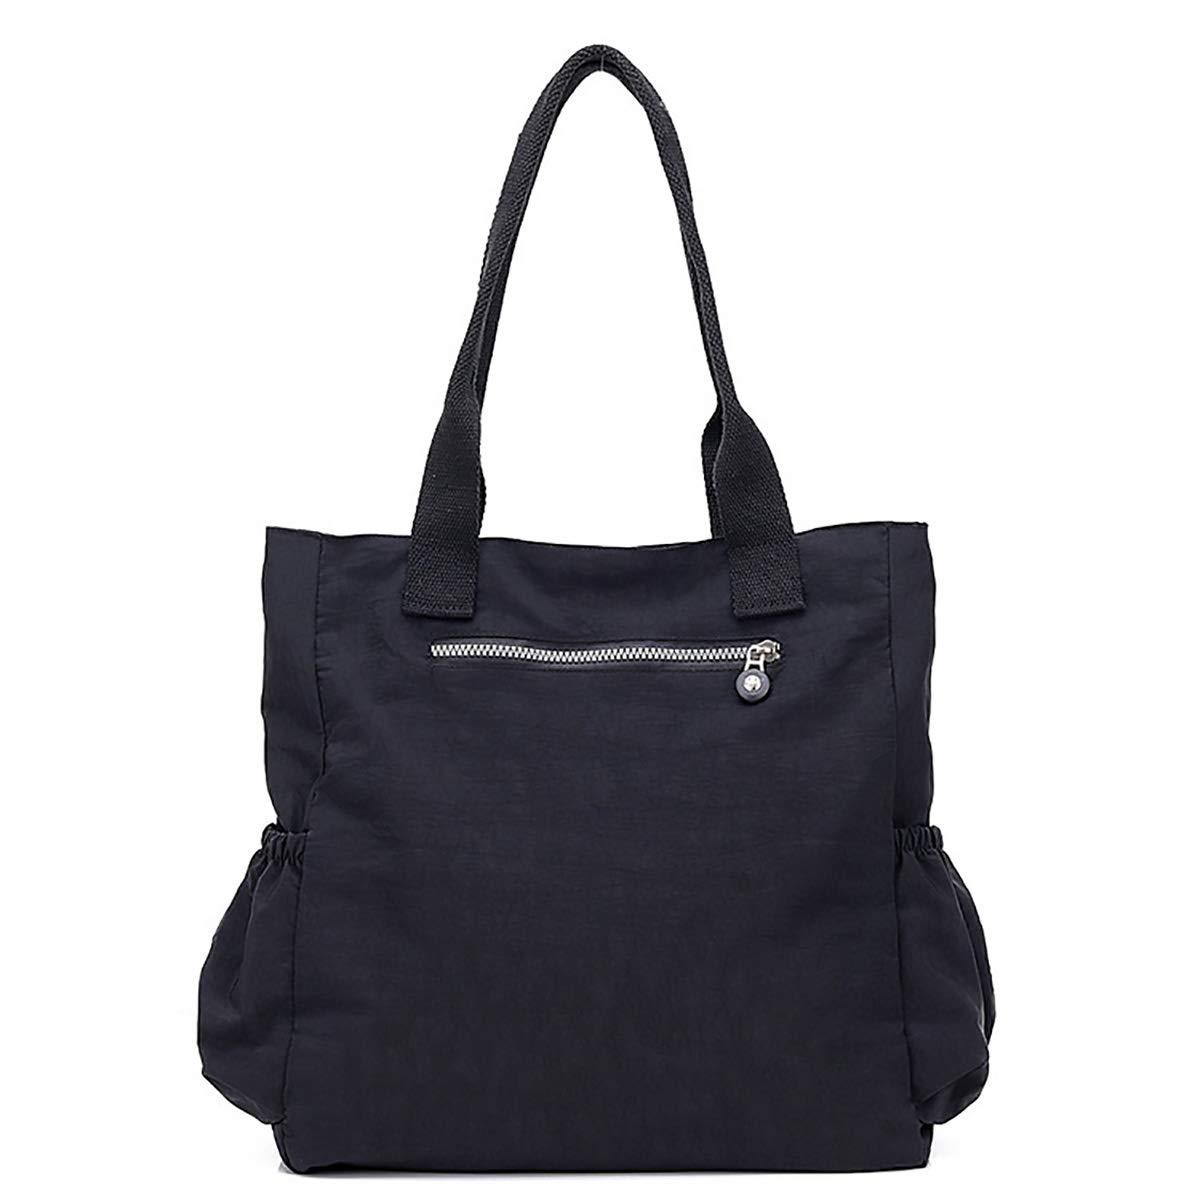 ASAP CHIC Sac /à bandouli/ère en nylon pour femme sac /à main pour ordinateur portable imperm/éable comme travail de voyage l/éger poche occasionnelle